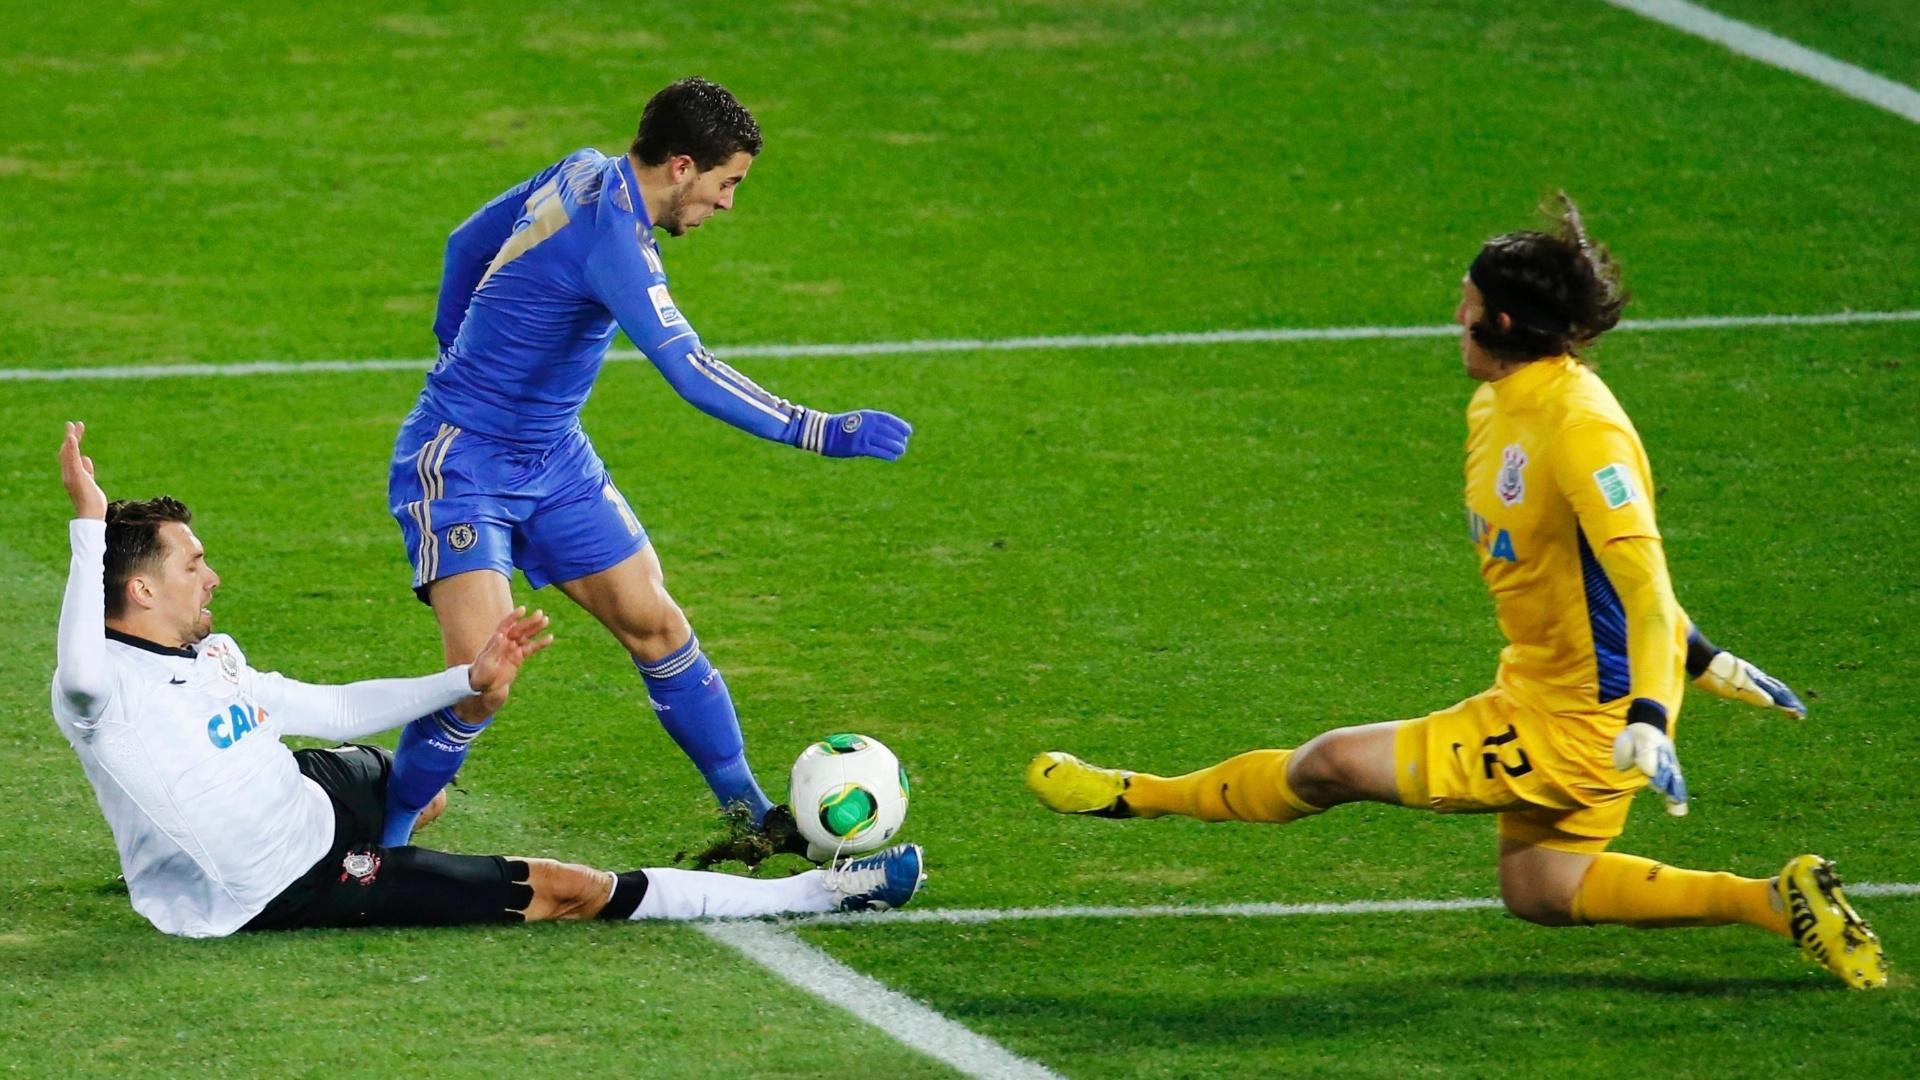 16.dez.2012 - Goleiro Cássio, do Corinthians, defende chute de Hazard, do Chelsea, durante a final do Mundial de Clubes da Fifa, em Yokohama, no Japão